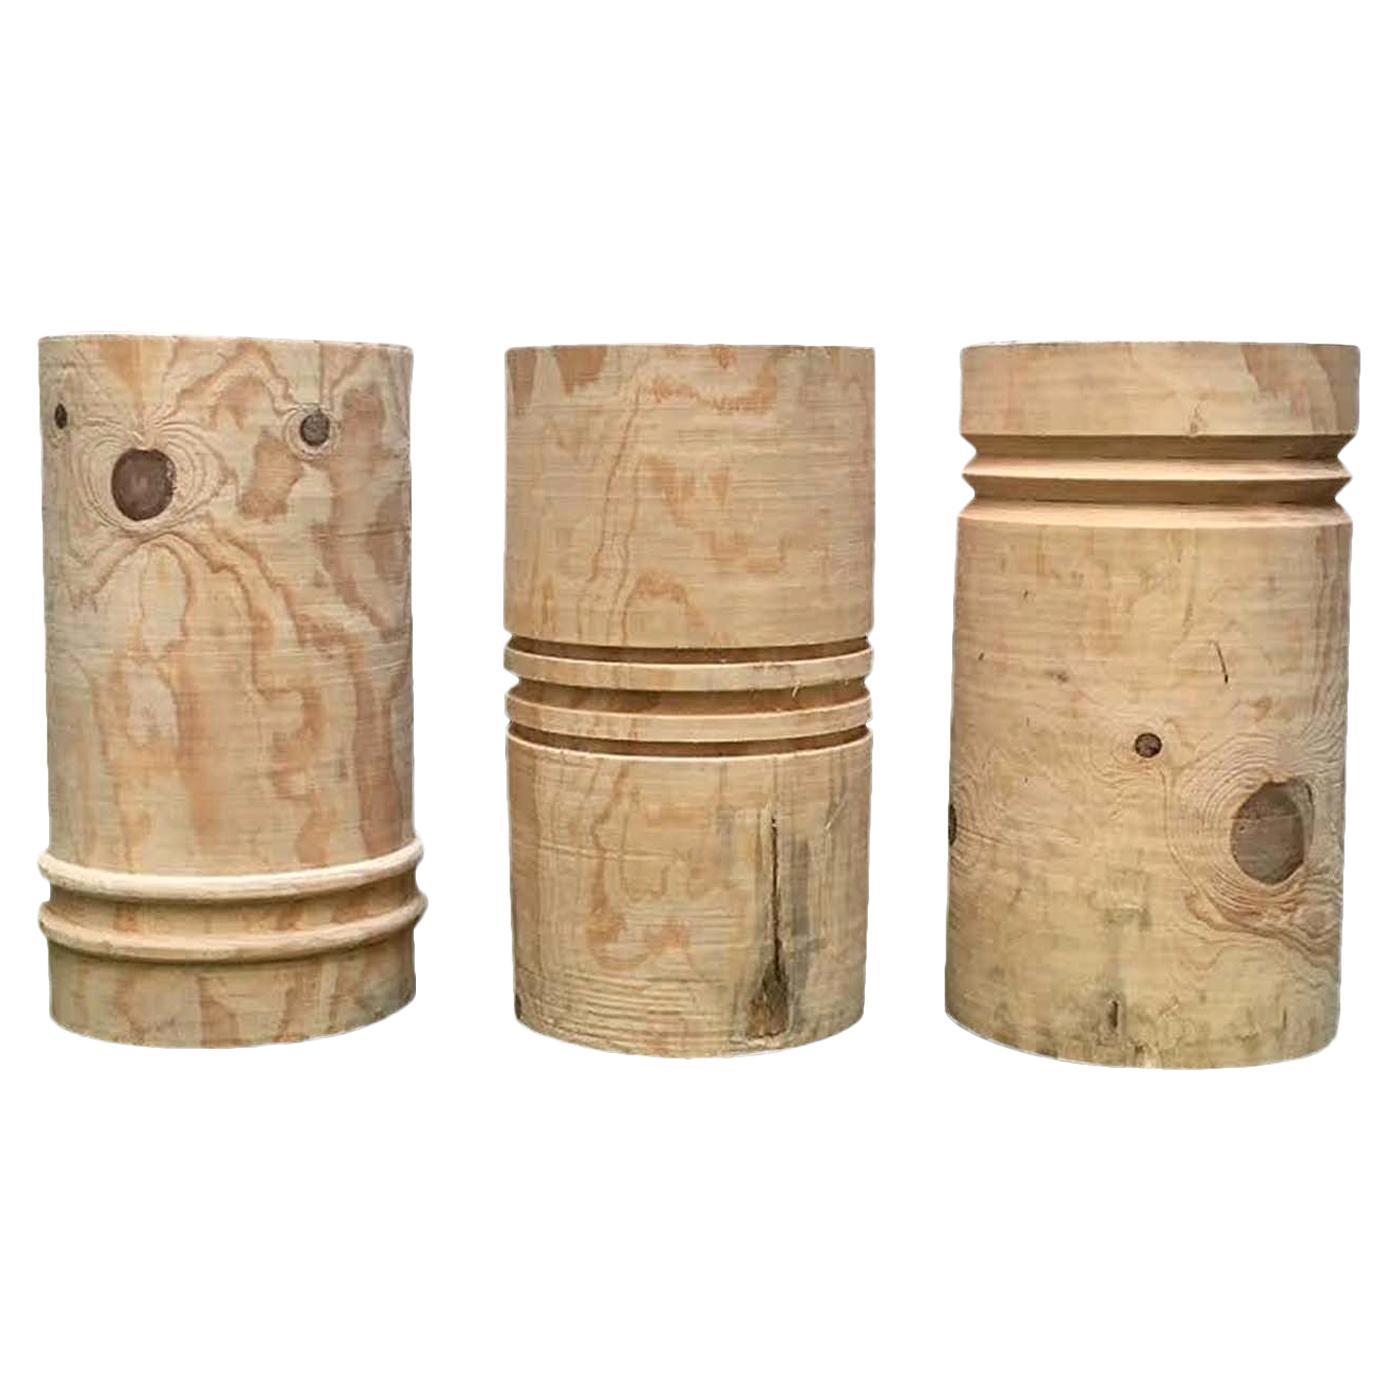 Set of 3 Turned Wood Stools